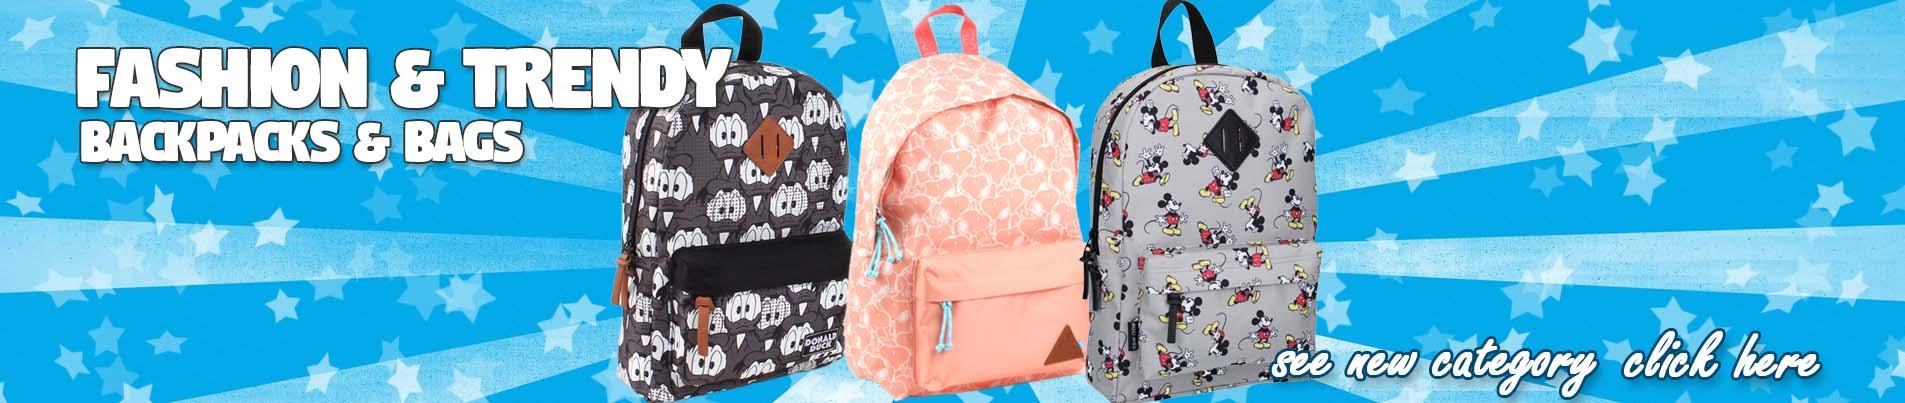 Modne trendy plecaki i torby dla dzieci hurtownia